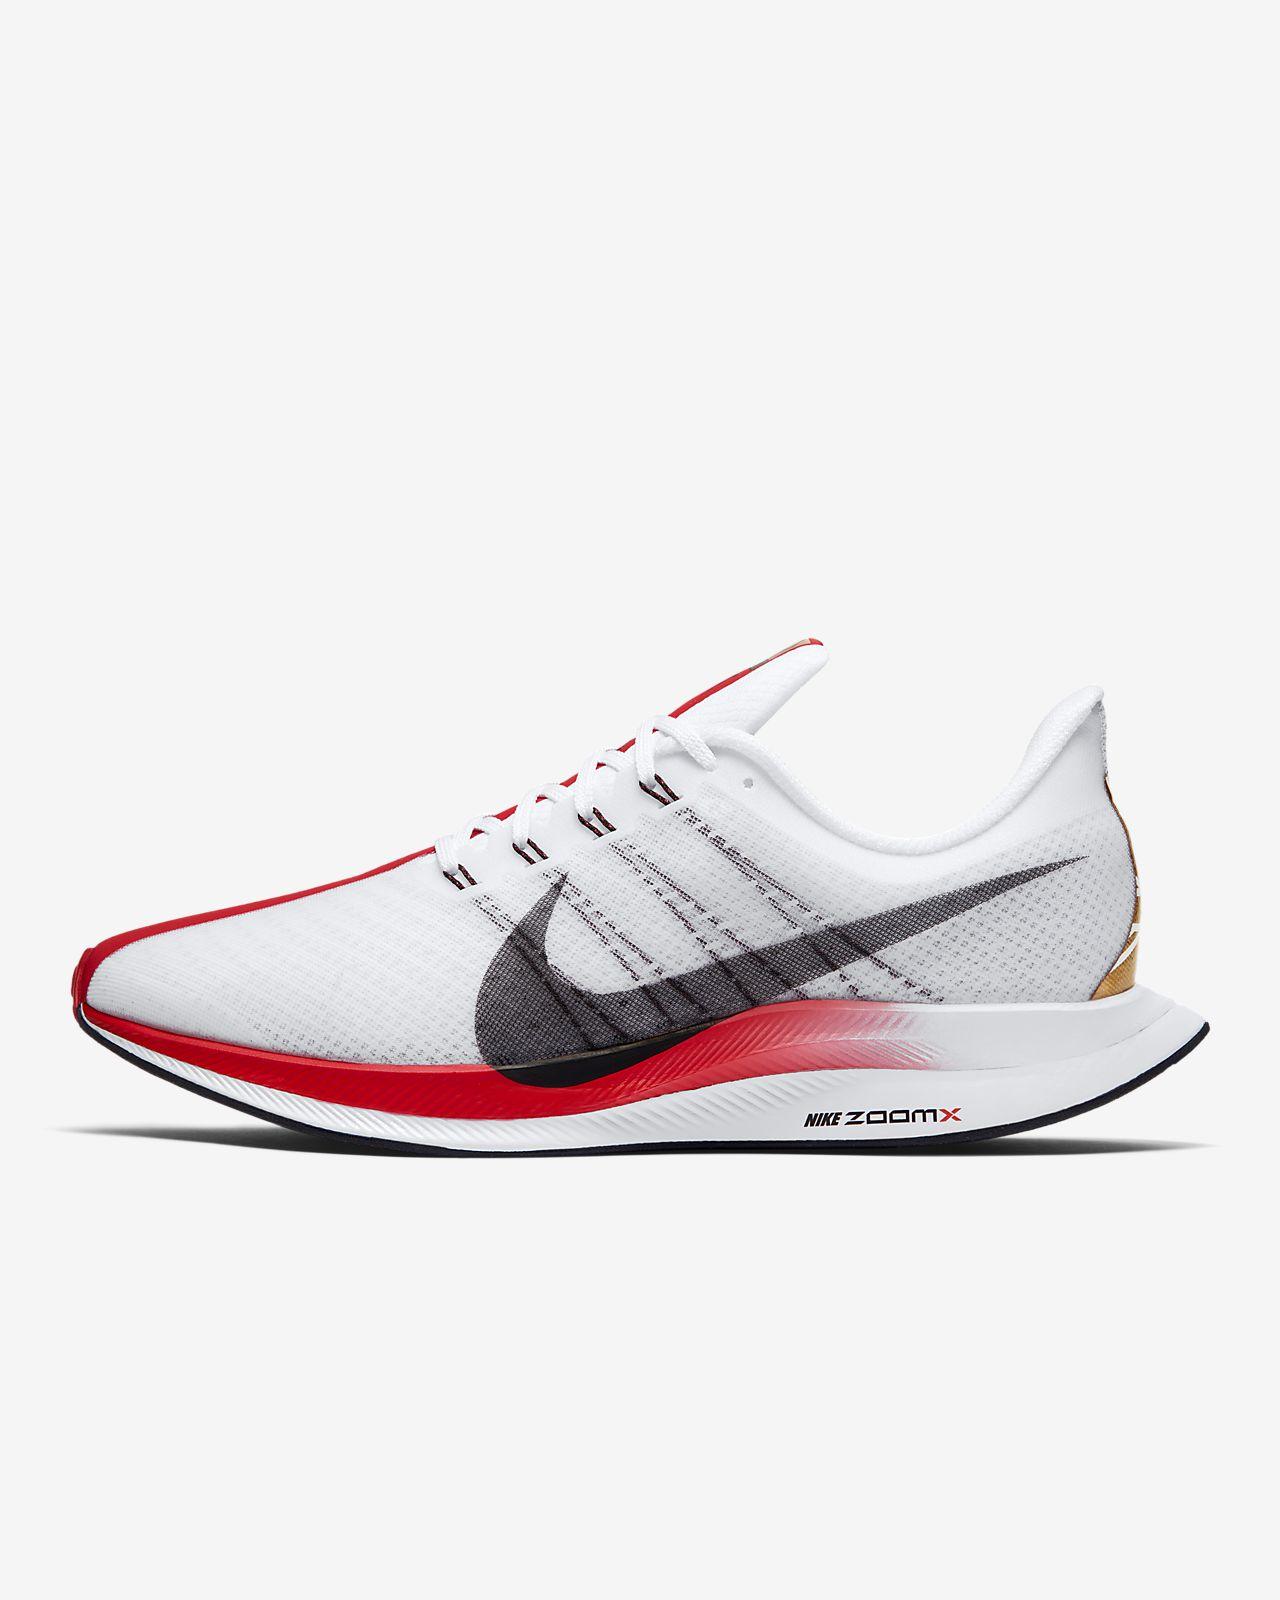 Παπούτσι για τρέξιμο Nike Zoom Pegasus 35 Turbo Mo